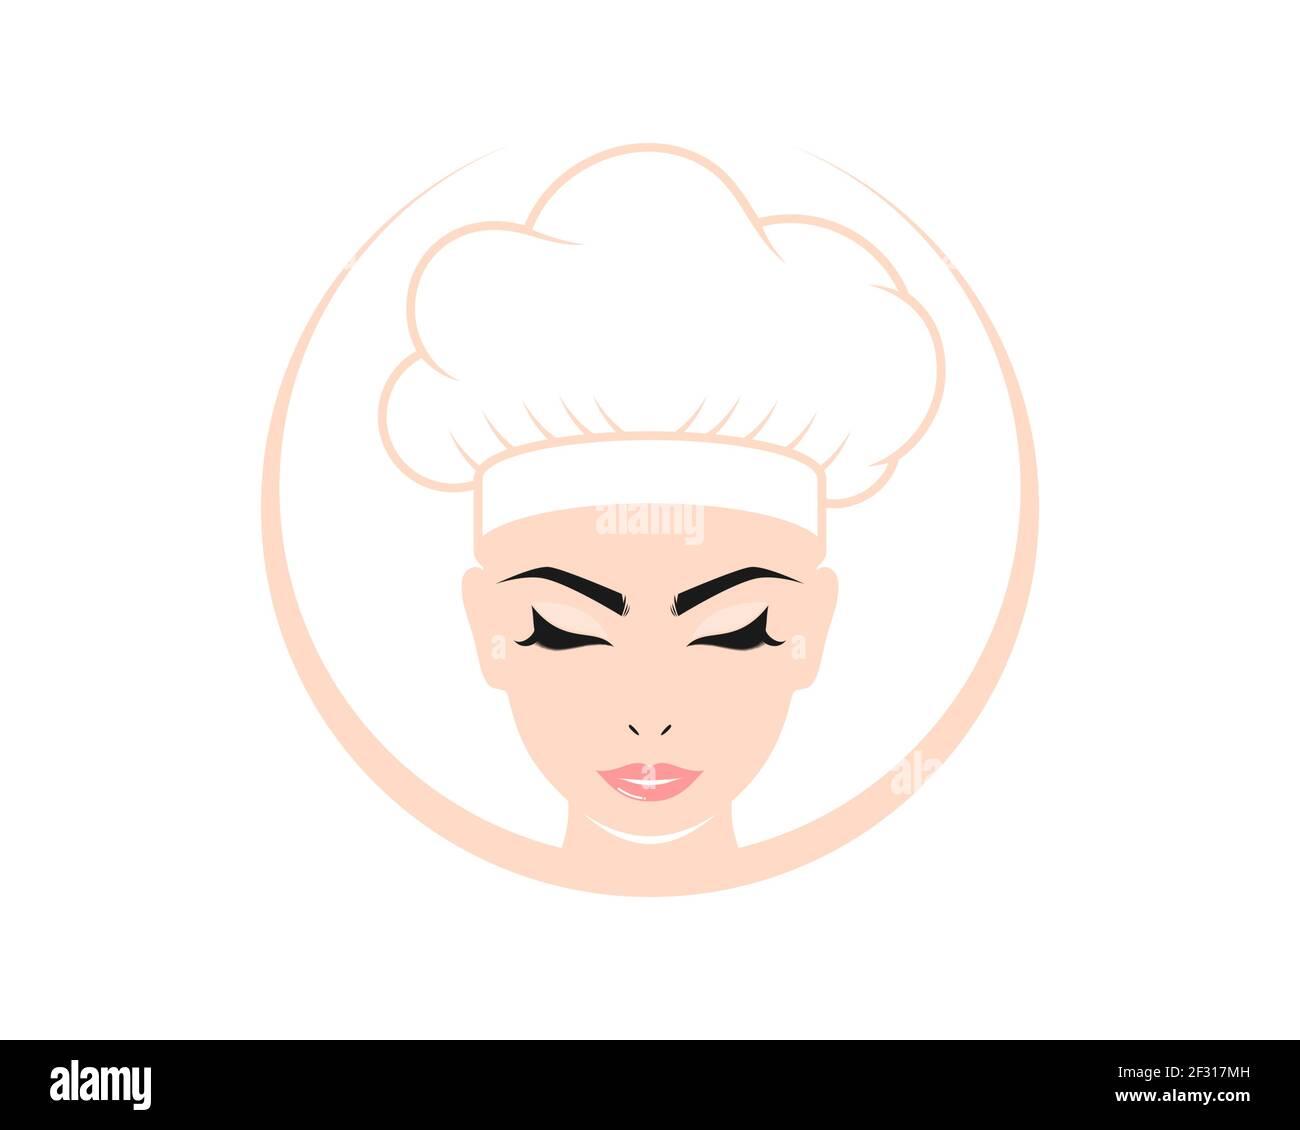 Belleza mujer chef personaje logo Foto de stock